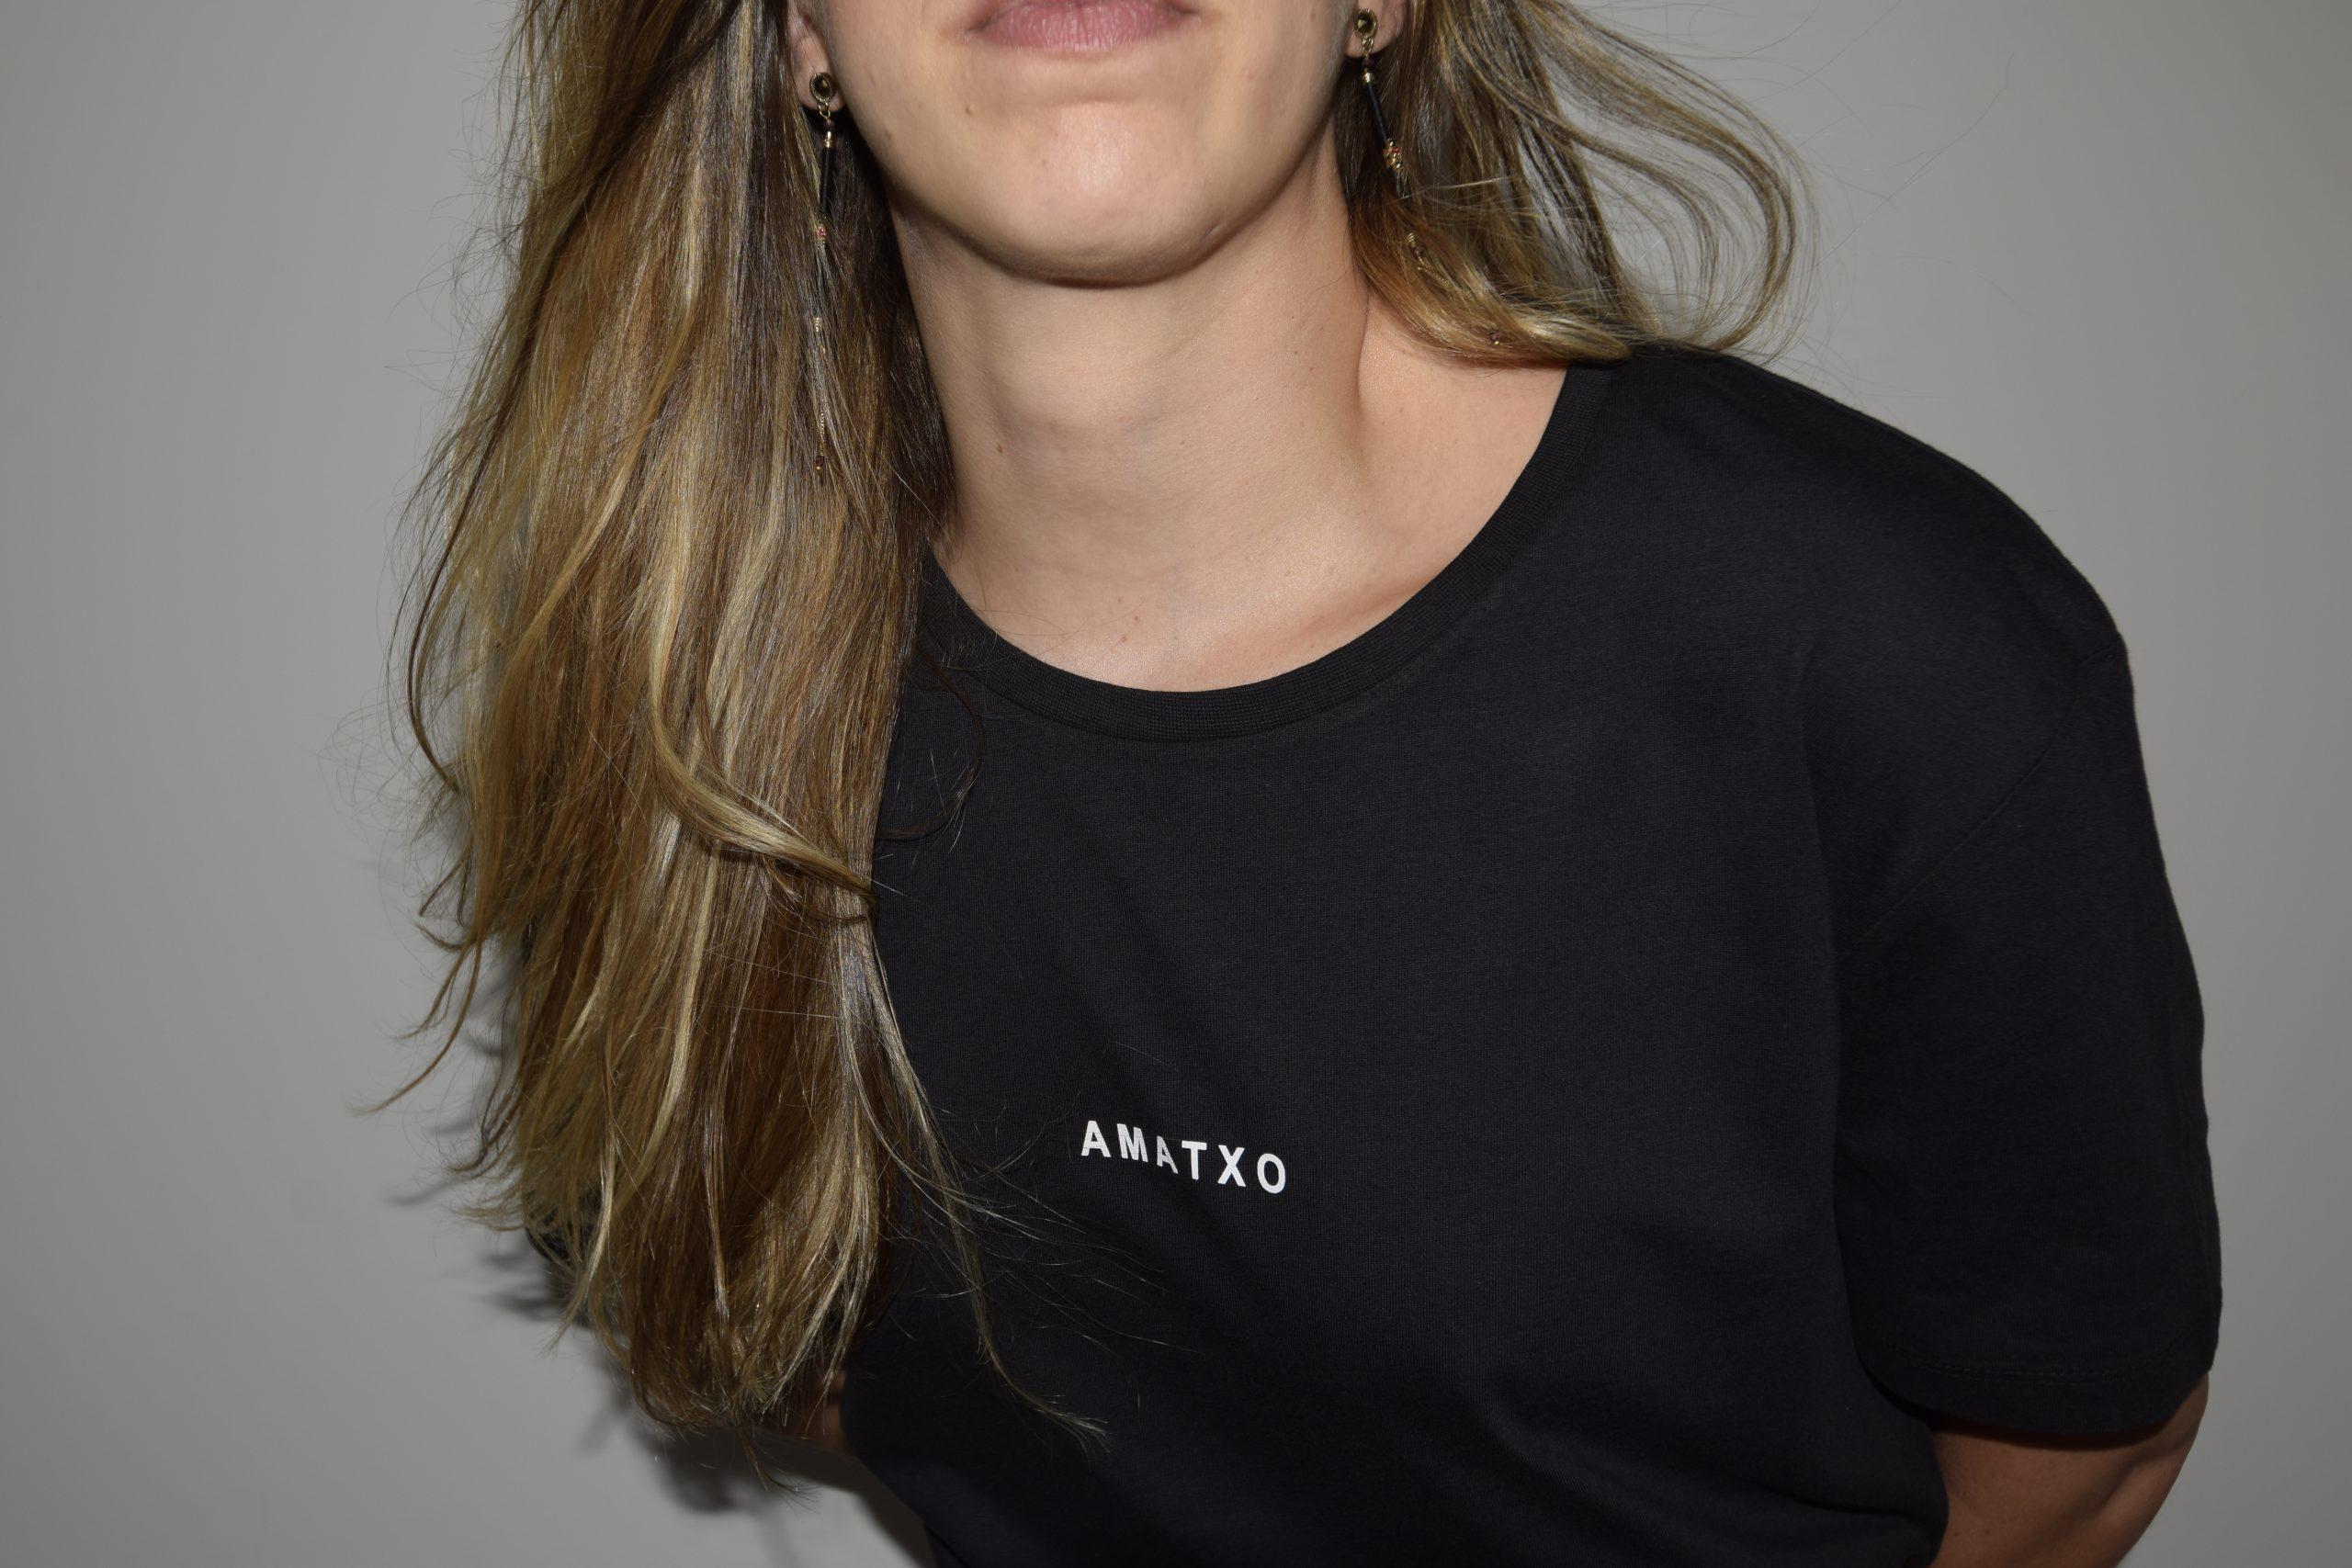 camiseta amatxo negro corte recto